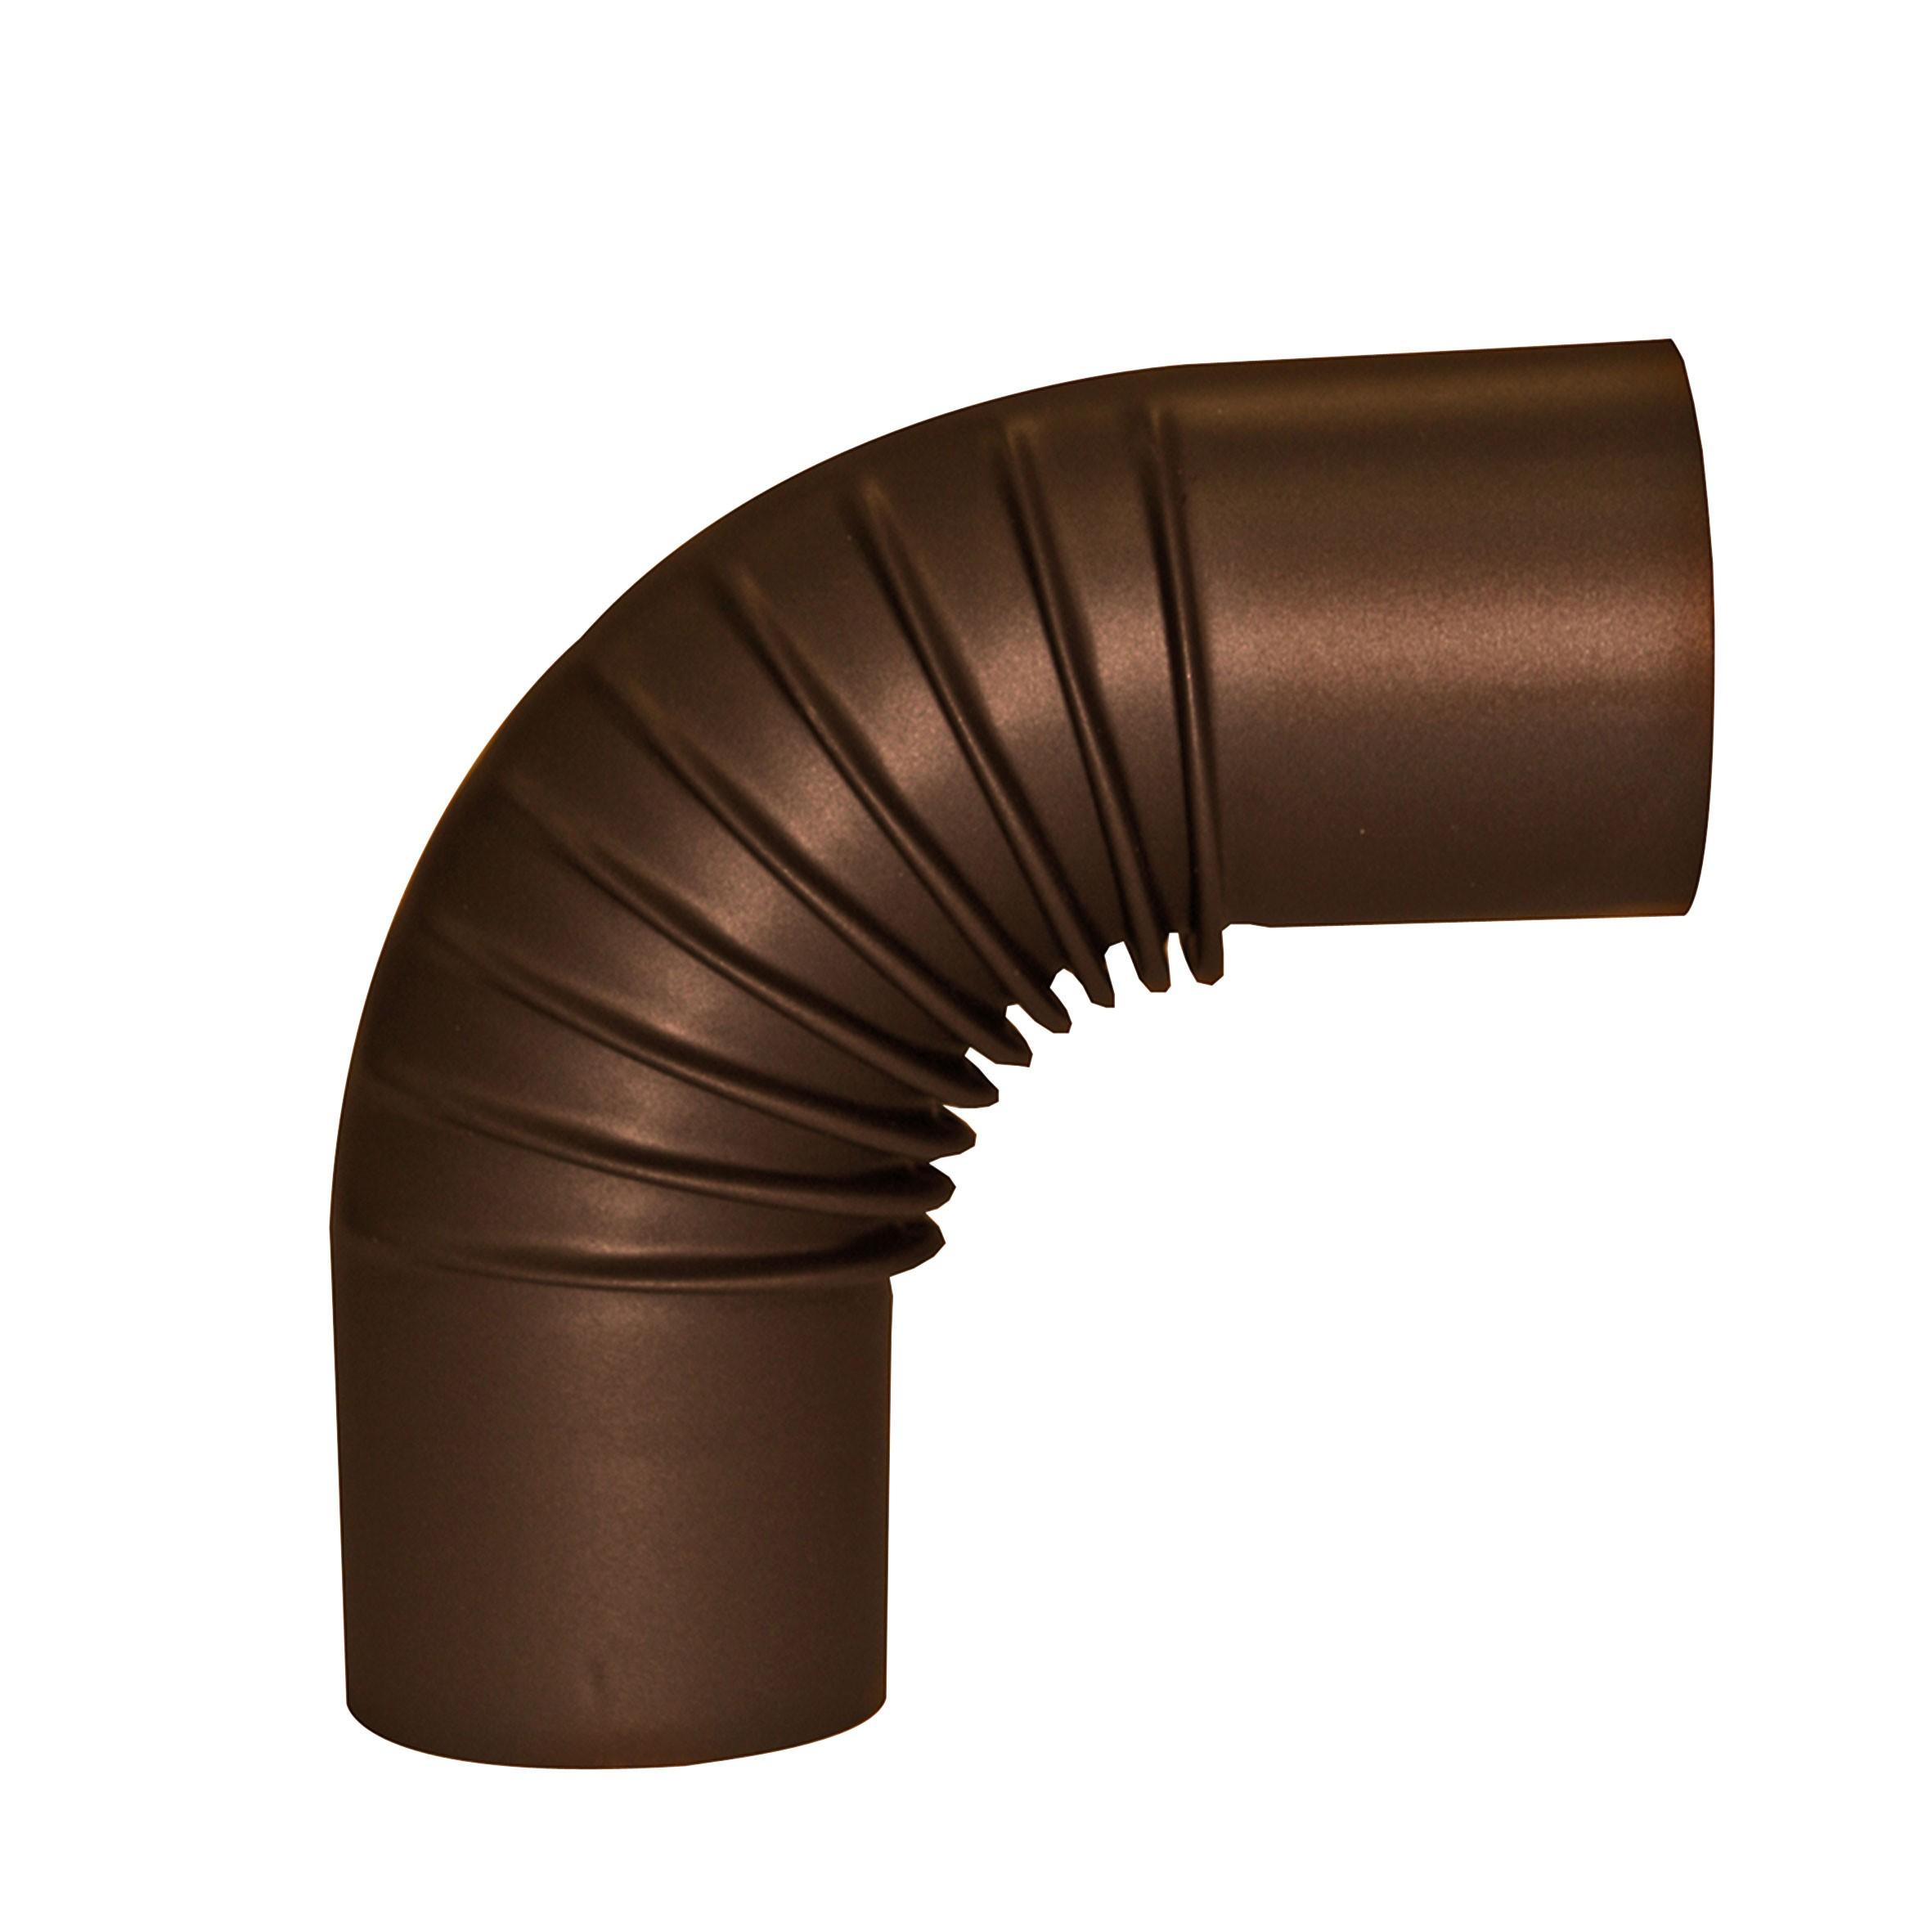 Ofenrohr / Rauchrohr KaminoFlam Bogenknie emailiert 90° Ø120 mm braun Bild 1